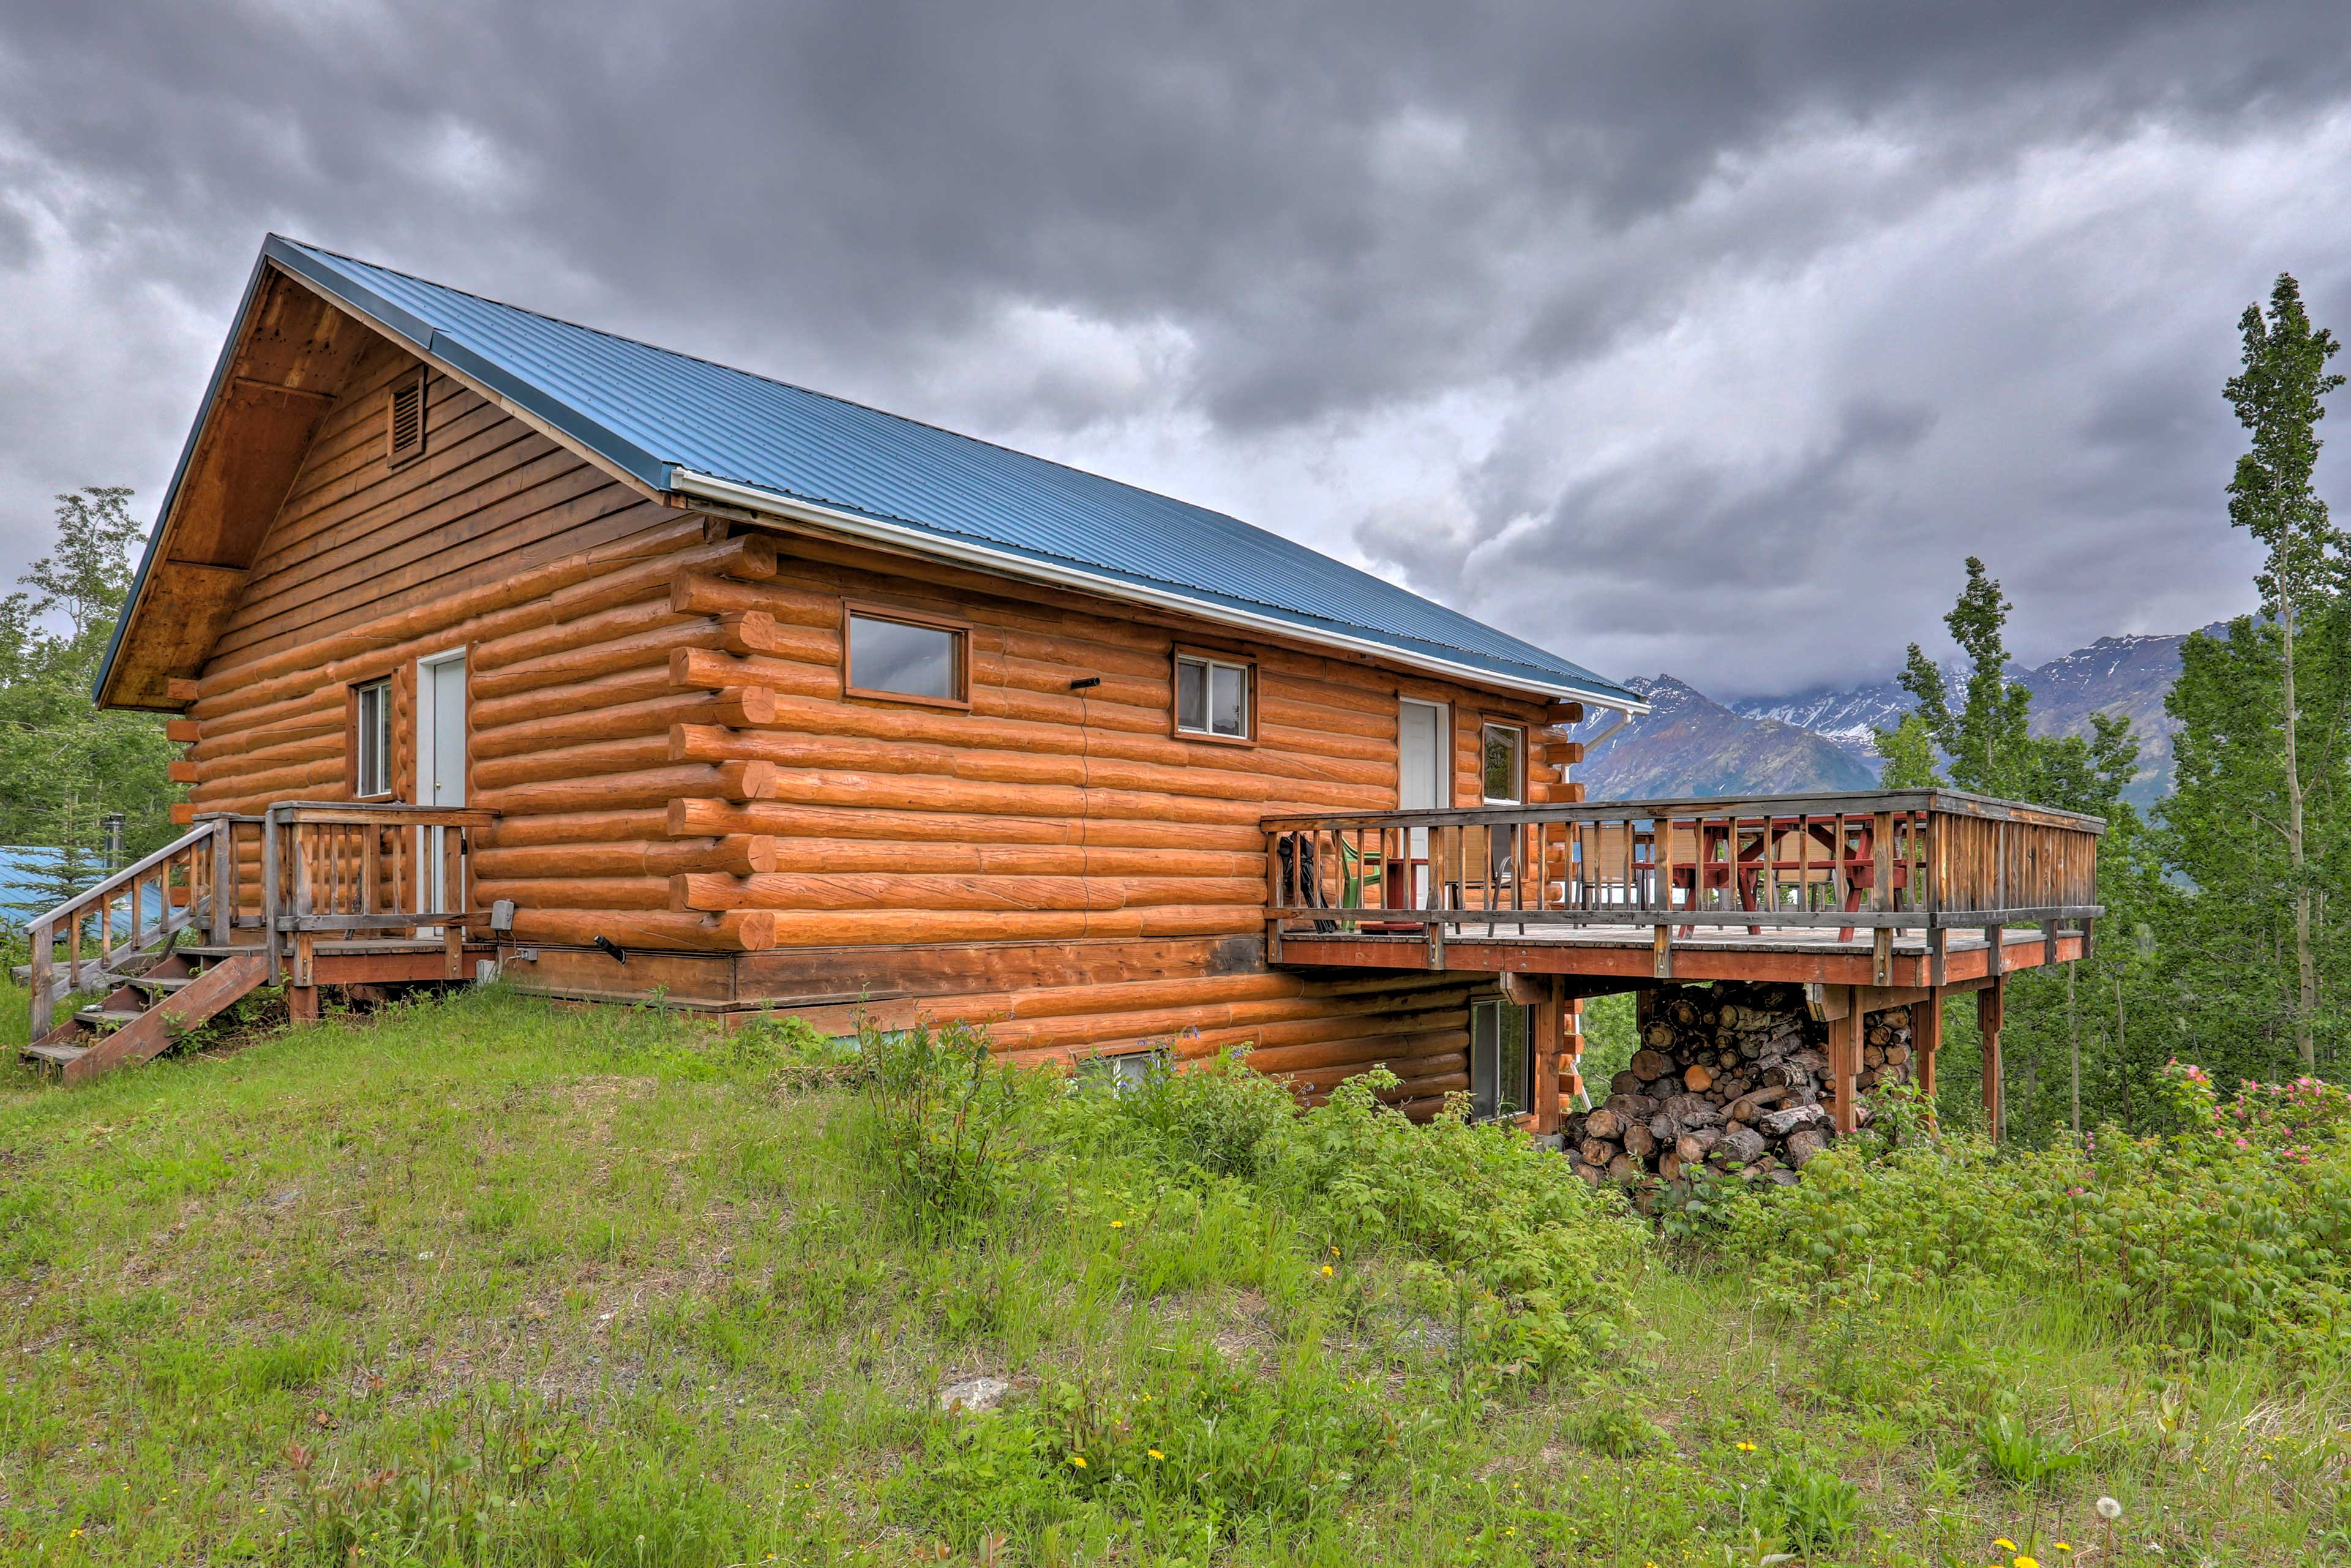 This 3-bedroom, 1-bath cabin offers a world-class Alaskan destination!